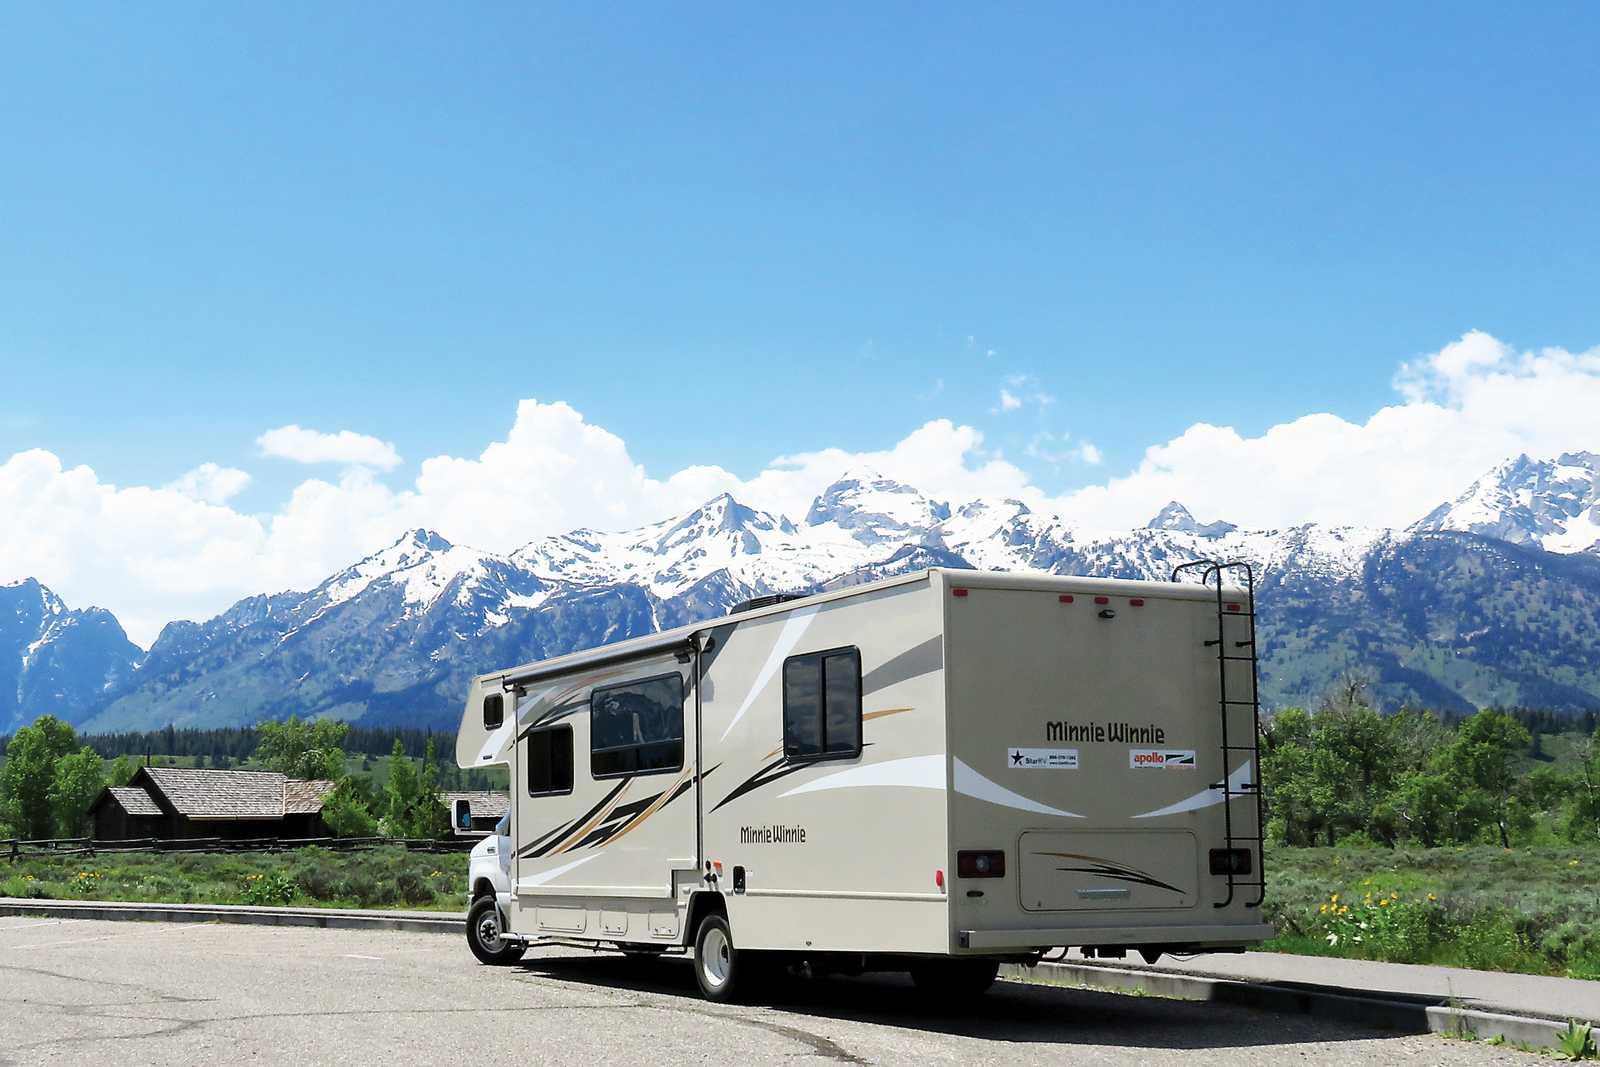 Aussenansicht des Apollo Eclipse Camper im Grand Teton Nationalpark